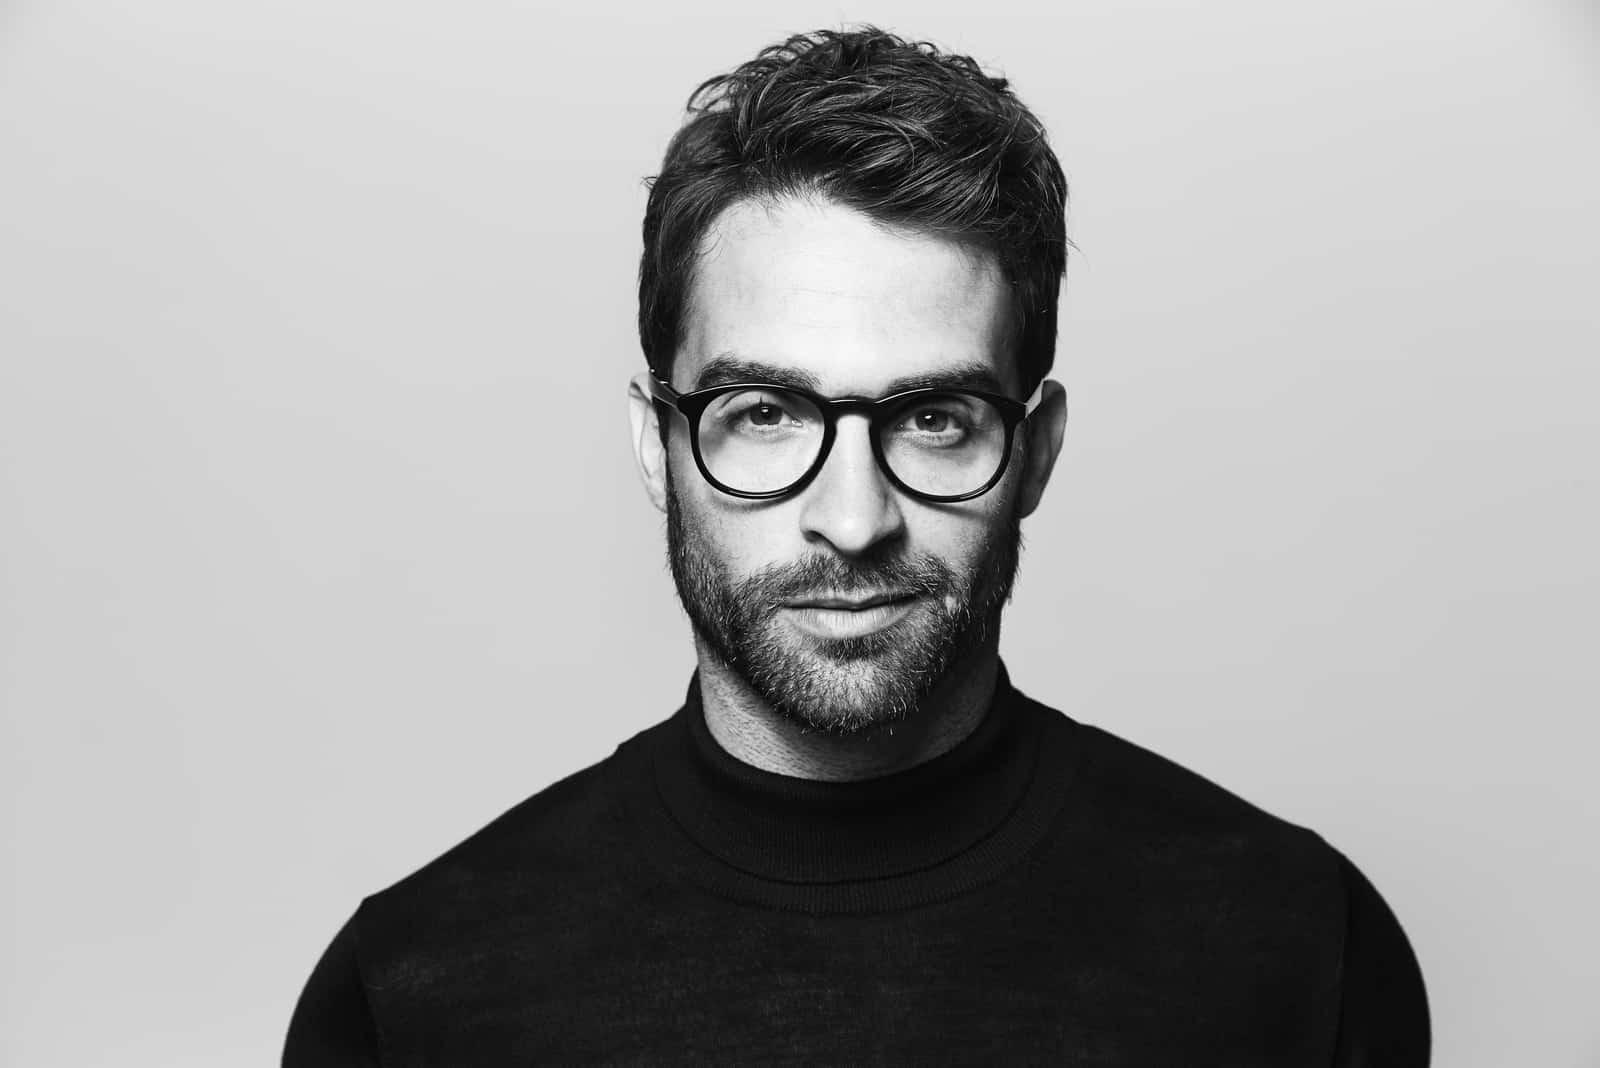 un homme avec des lunettes debout